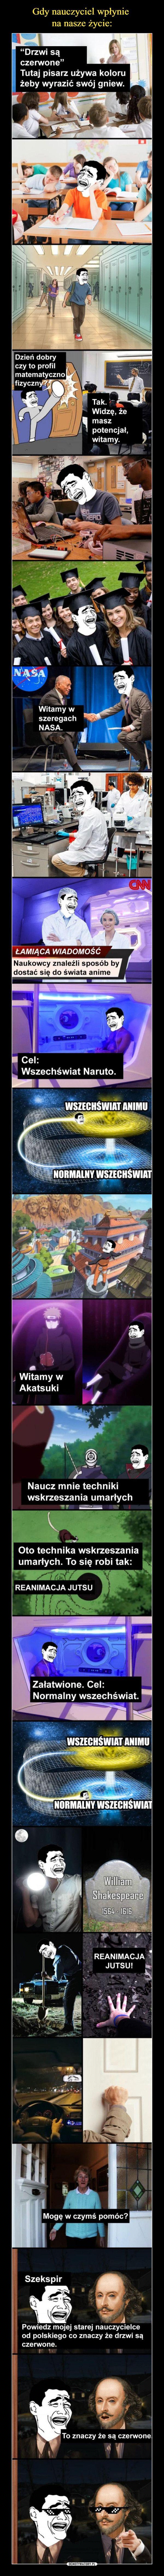 – Drzwi są czerwone Tutaj pisarz używa koloru czerwonego aby wyrazić swój gniew. Dzień dobry czy to profil matematyczno fizyczny? Tak, widzę, że masz potencjał, witamy. Witamy w szeregach Nasa. Łamiąca wiadomość Naukowcy znaleźli sposób, żeby się dostać do świata anime. Cel: wszechświat Naruto. Wszechświat animu; normalny wszechświat Witamy w Akatsuki Naucz mnie techniki wskrzeszenia umarłych. Oto technika wskrzeszania umarłych. To się robi tak: Reanimacja jutsu. Załatwione, cel normalny…